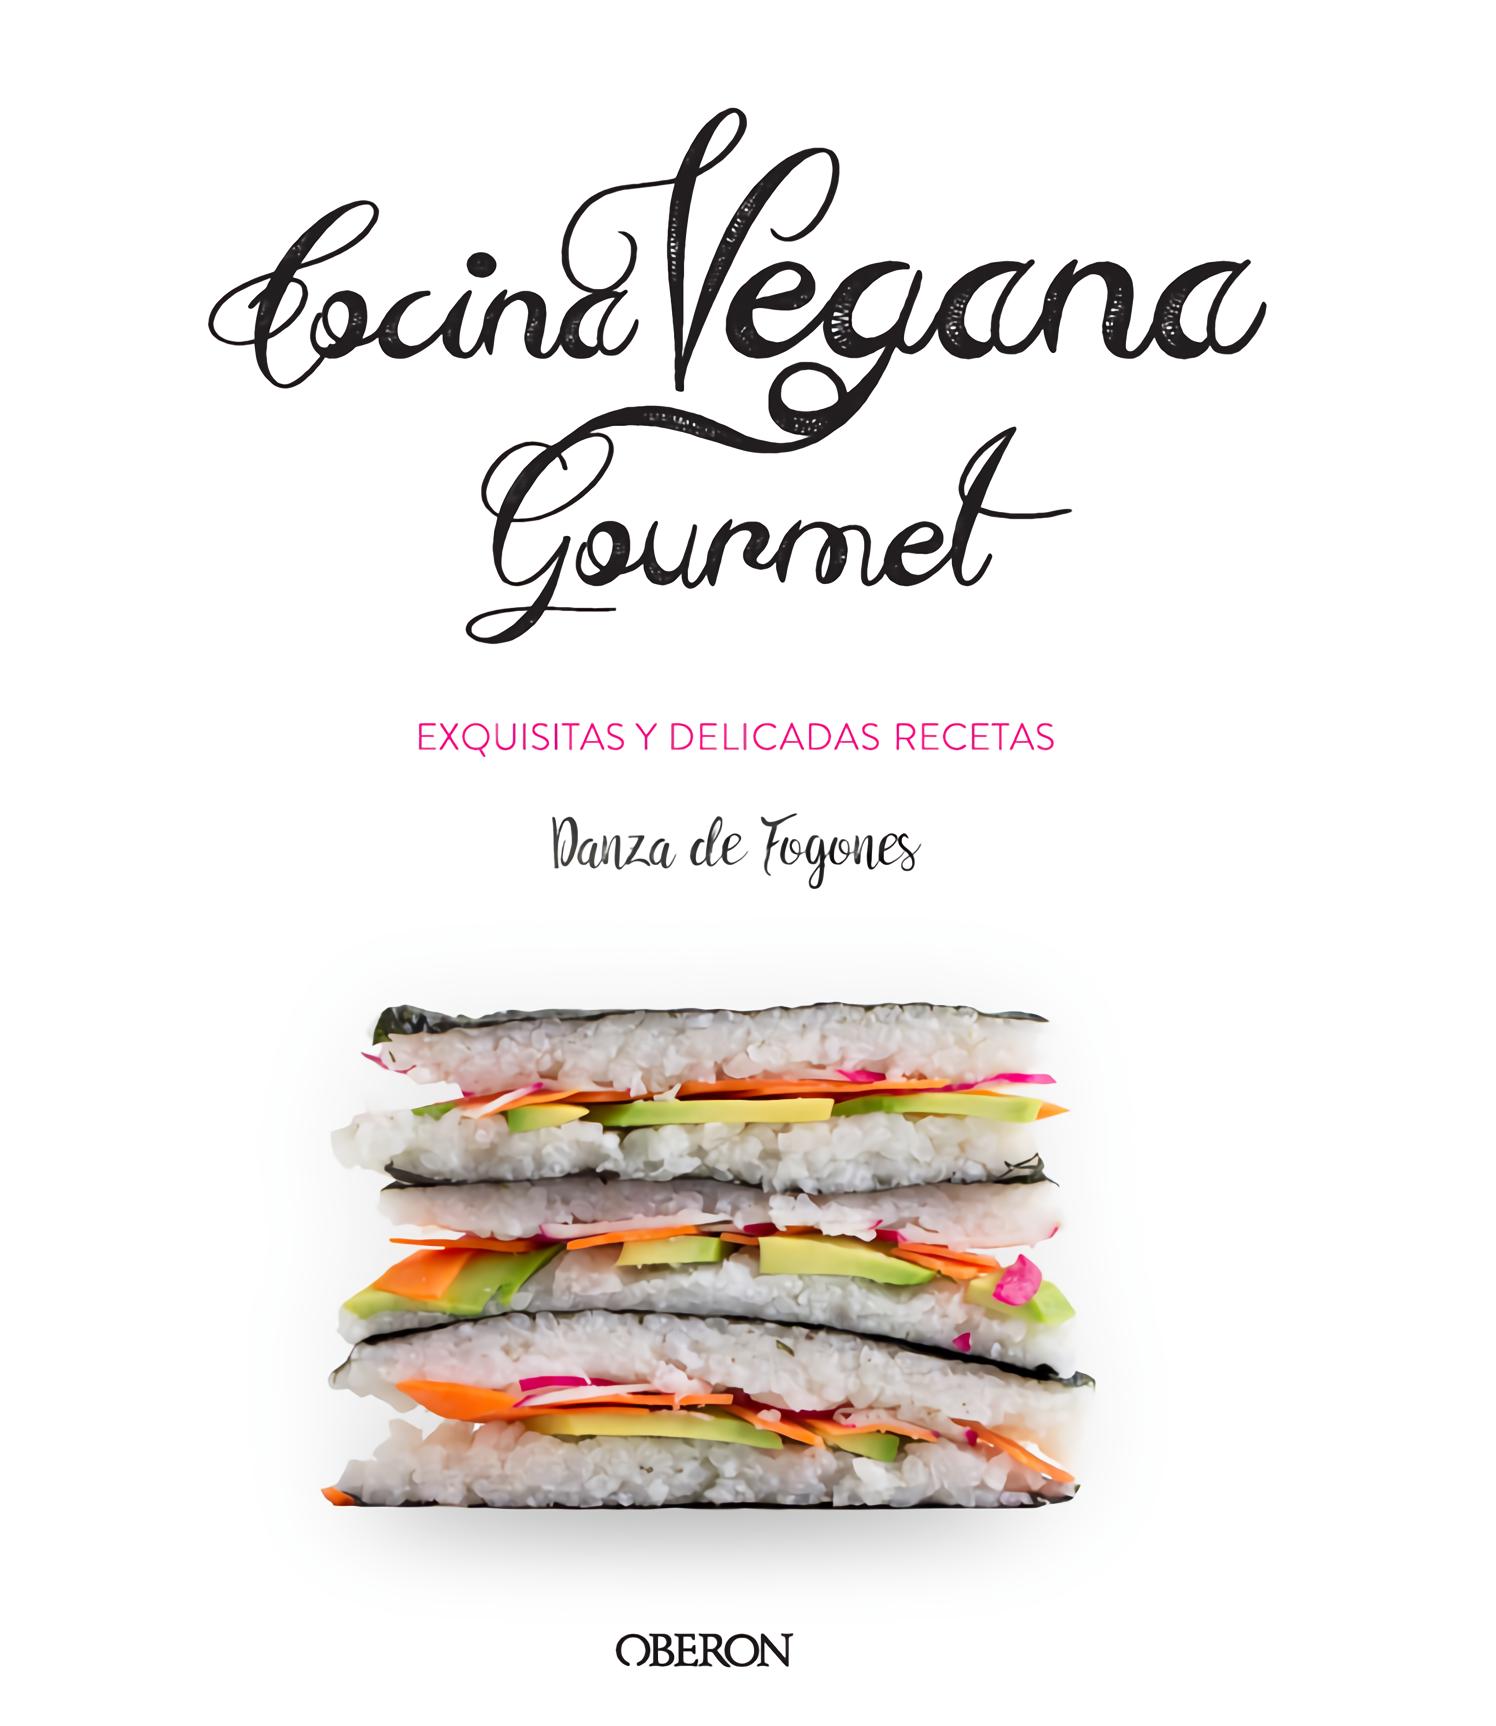 cocina vegana gourmet exquisitas y delicadas recetas